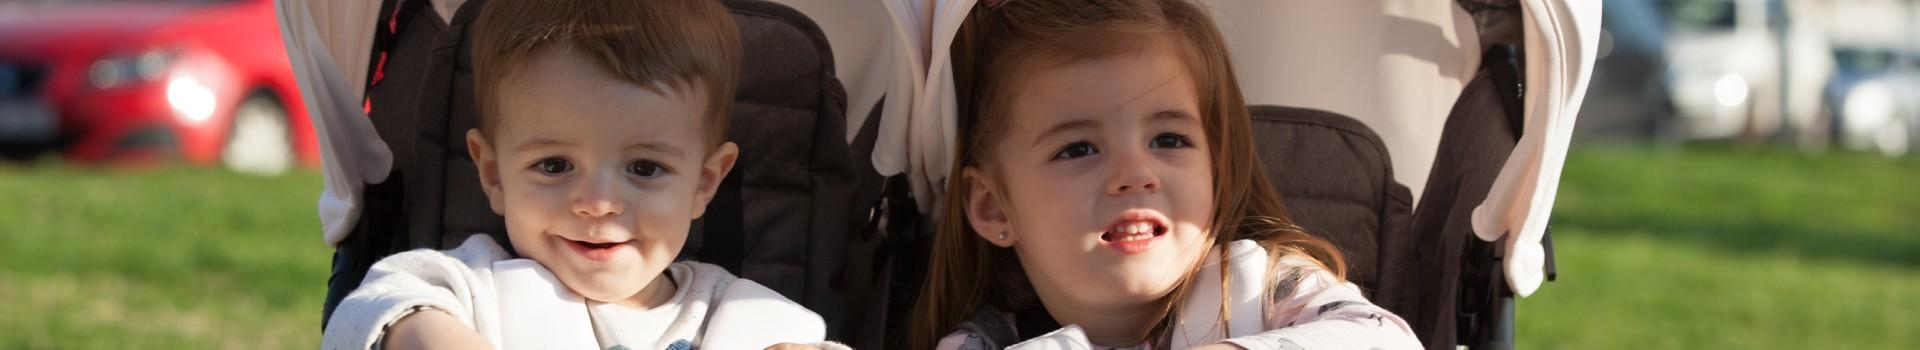 Set de Capotas para silla de paseo del bebé | Baby Monsters